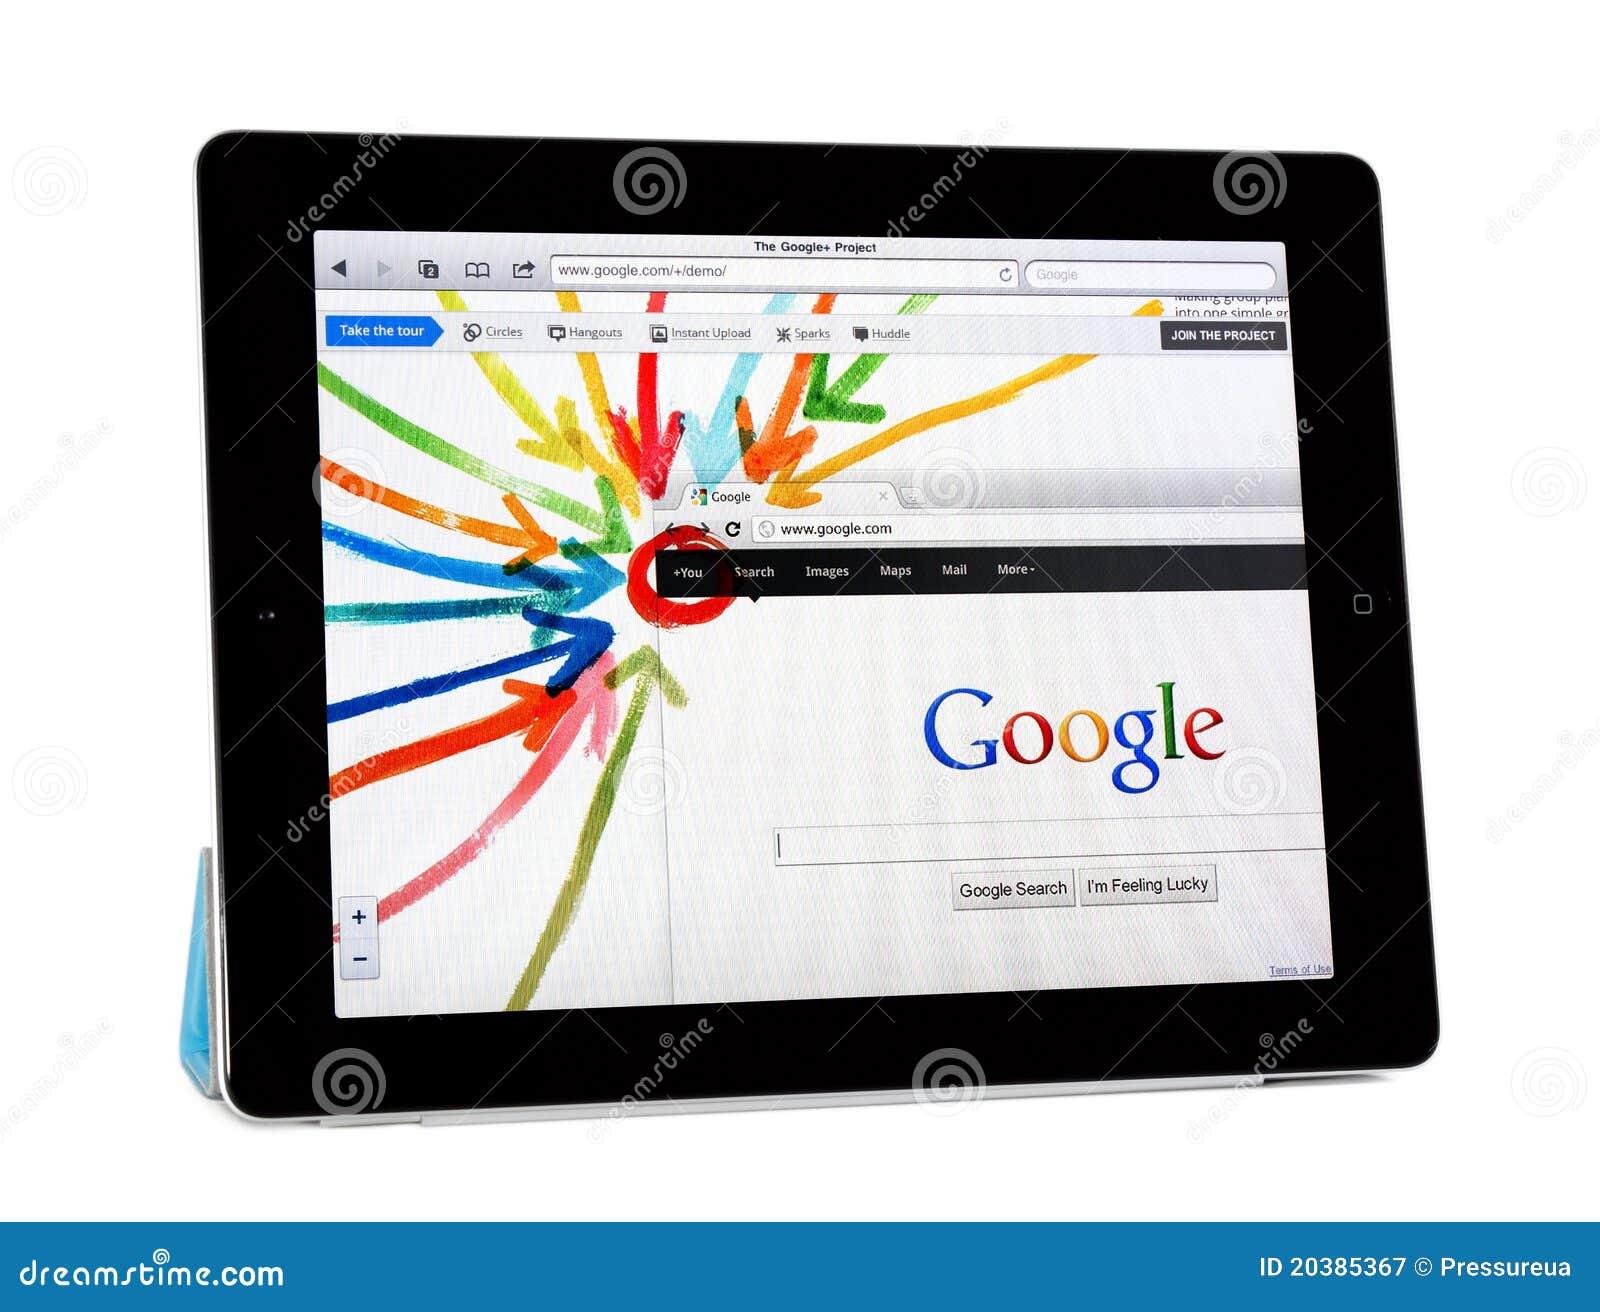 Google jabłczany projekt ipad2